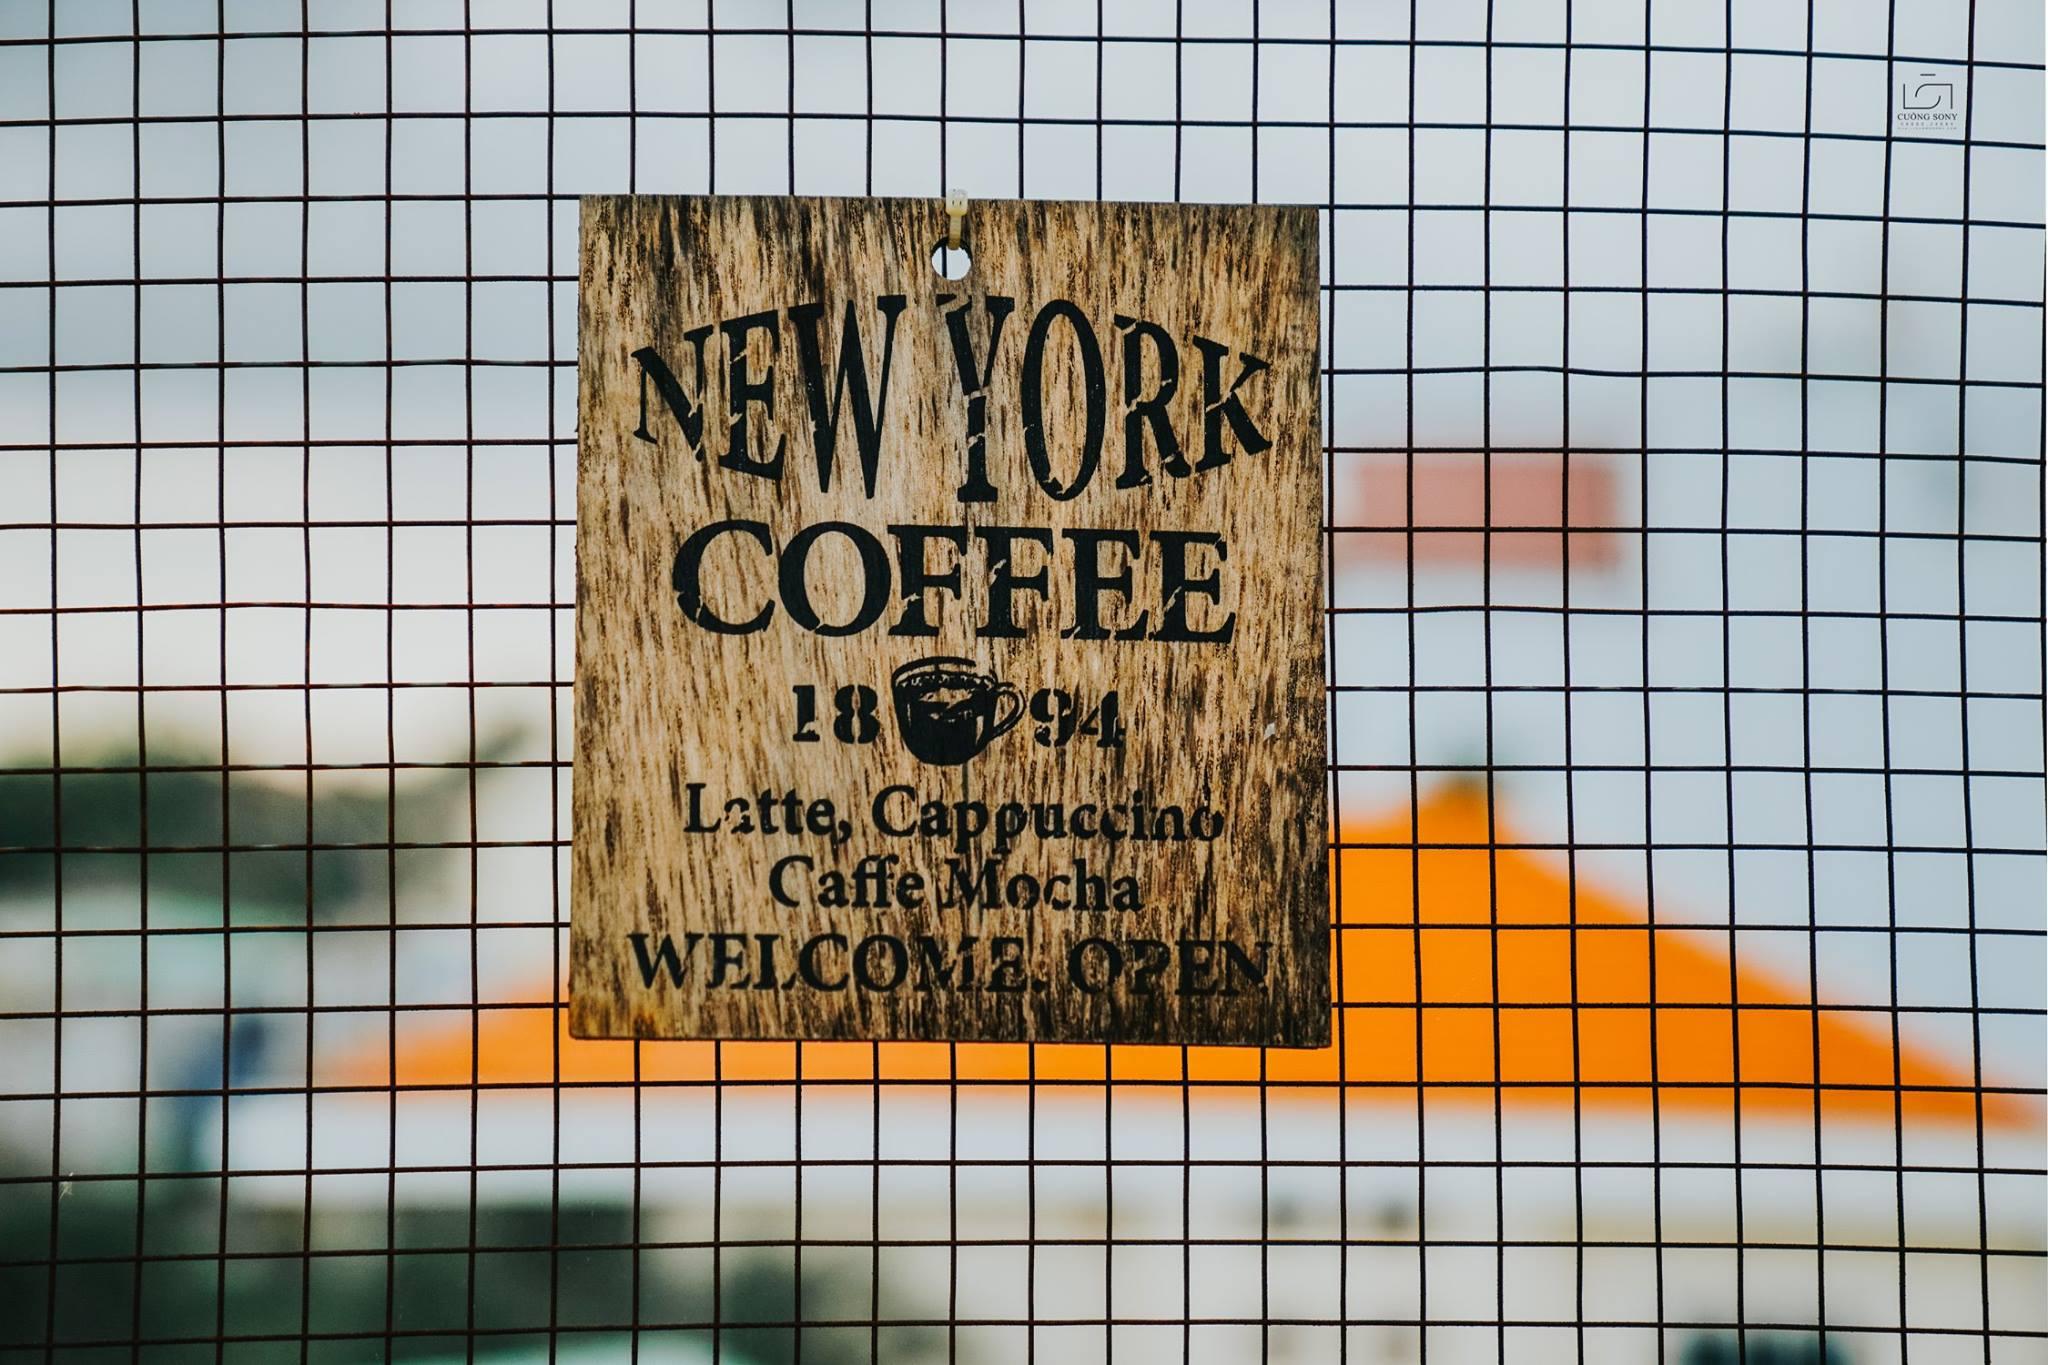 Hiếm có thể tìm được quán cà phê nào có view đẹp như vậy